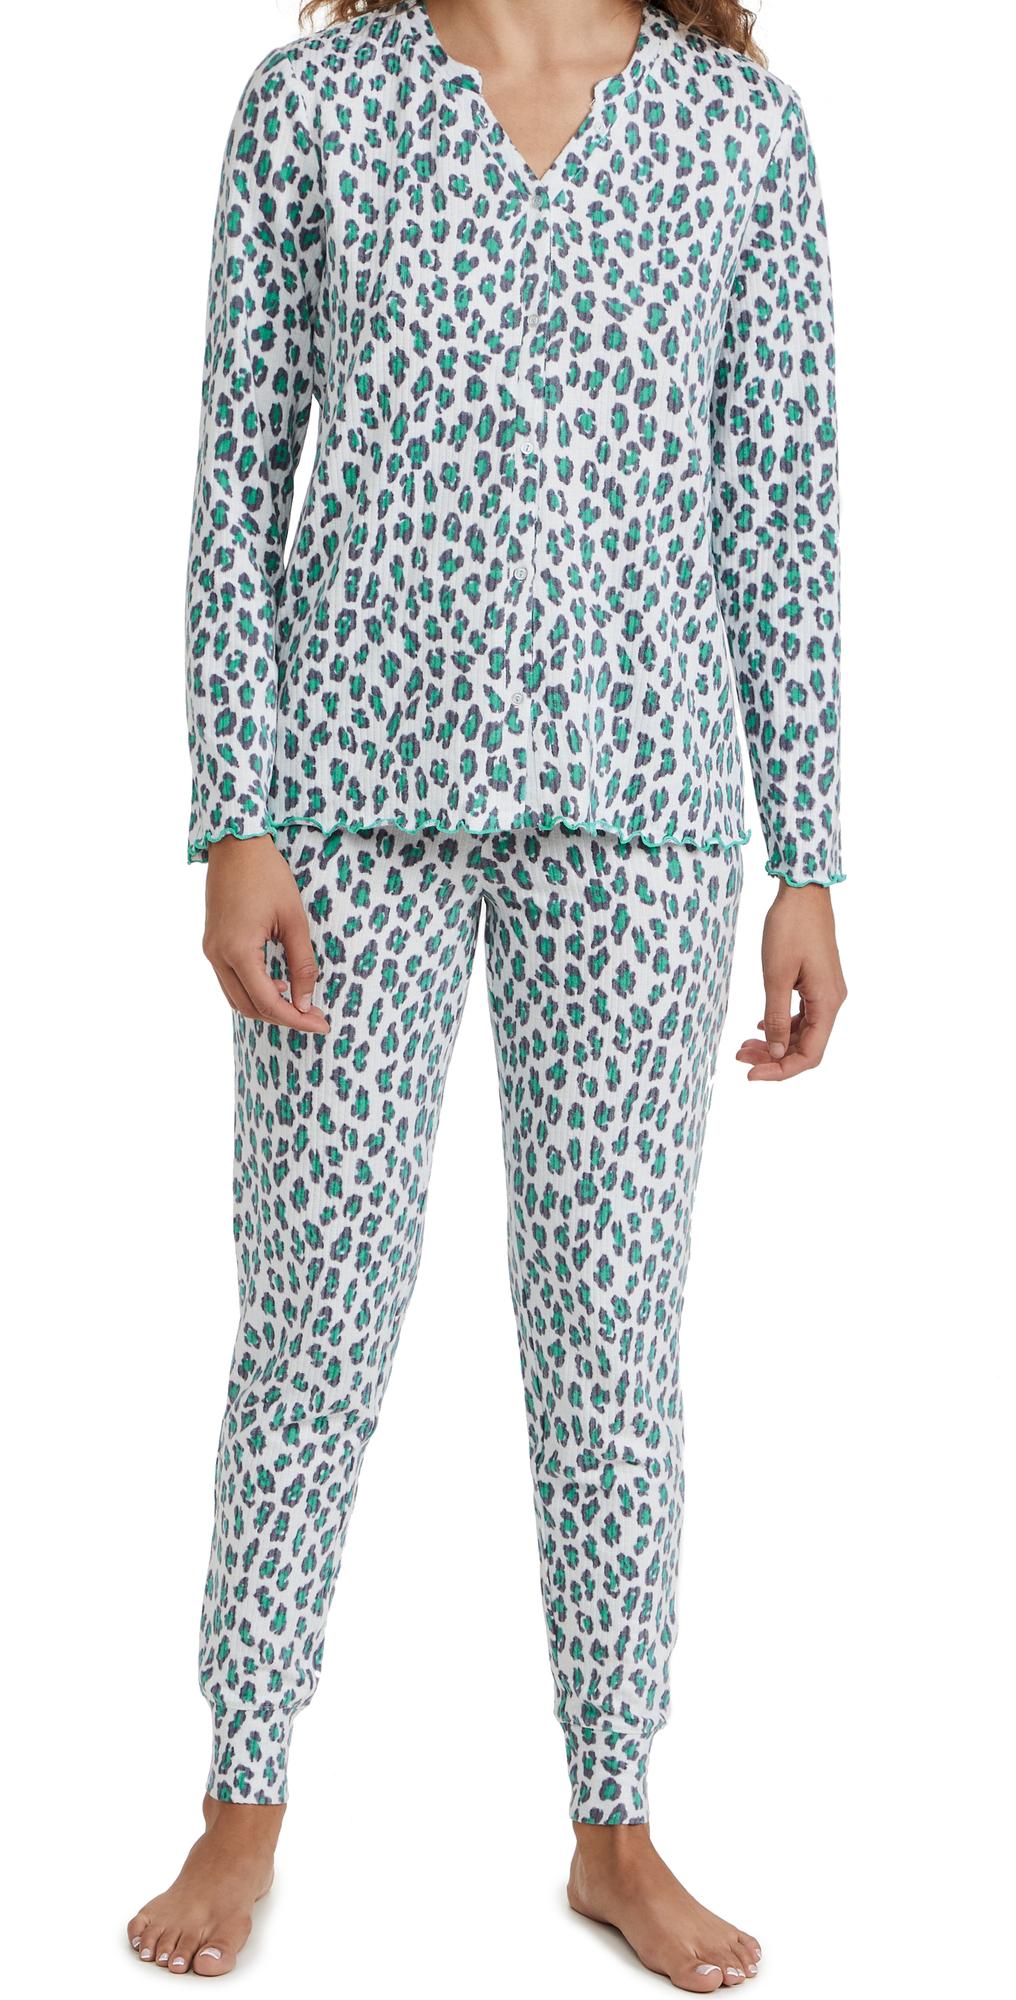 Animal Whisper Lux Pajama Set